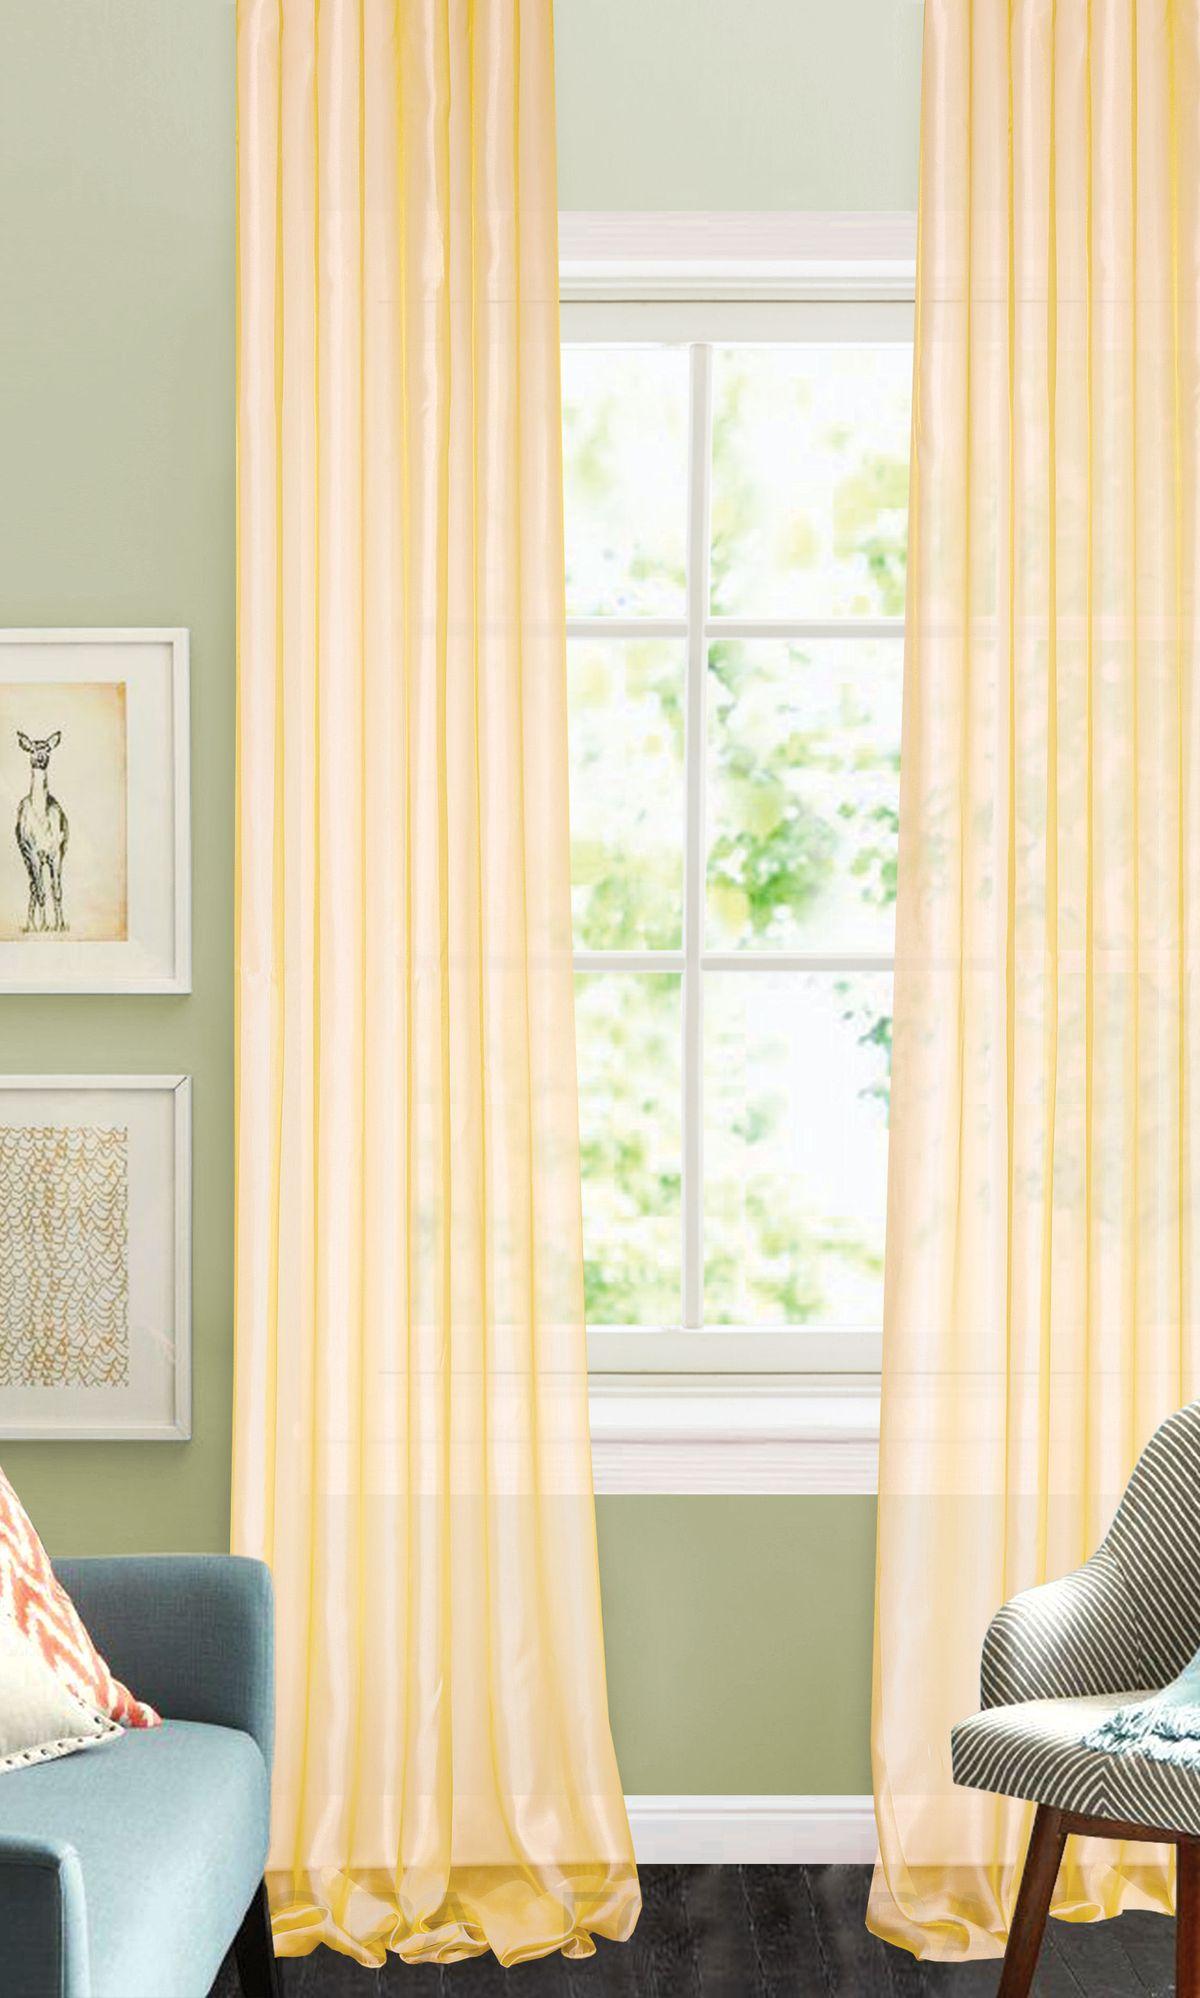 Штора готовая Garden, на ленте, цвет: желтый, 450 х 270 см. С W875 450х270 V8С W875 450х270 V8Изящная штора для гостиной Garden выполнена из легкой ткани с оригинальной структурой. Приятная текстура и цвет штор привлекут к себе внимание и органично впишутся в интерьер помещения. Штора крепится на карниз при помощи ленты, которая поможет красиво и равномерно задрапировать верх.